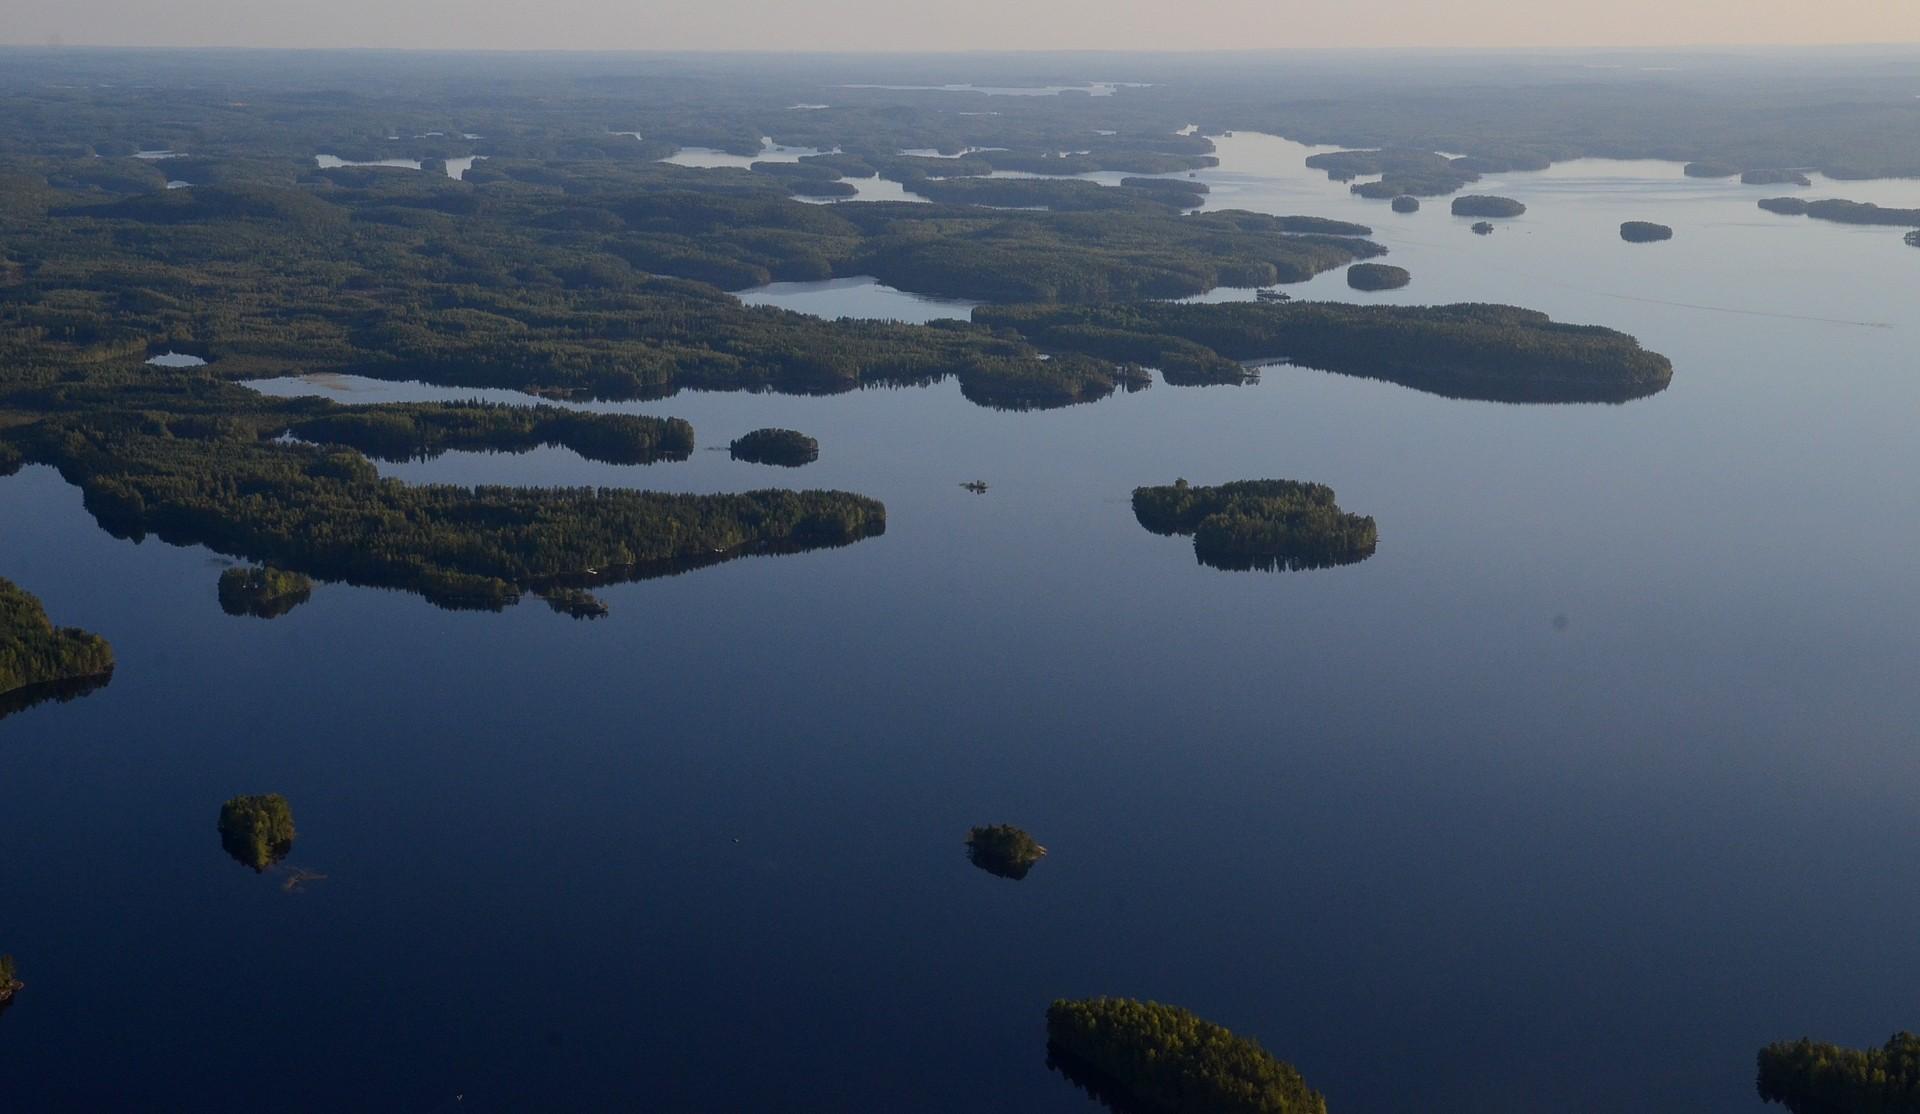 Etelä-Konneveden aluetta järven Itäisellä laidalla.